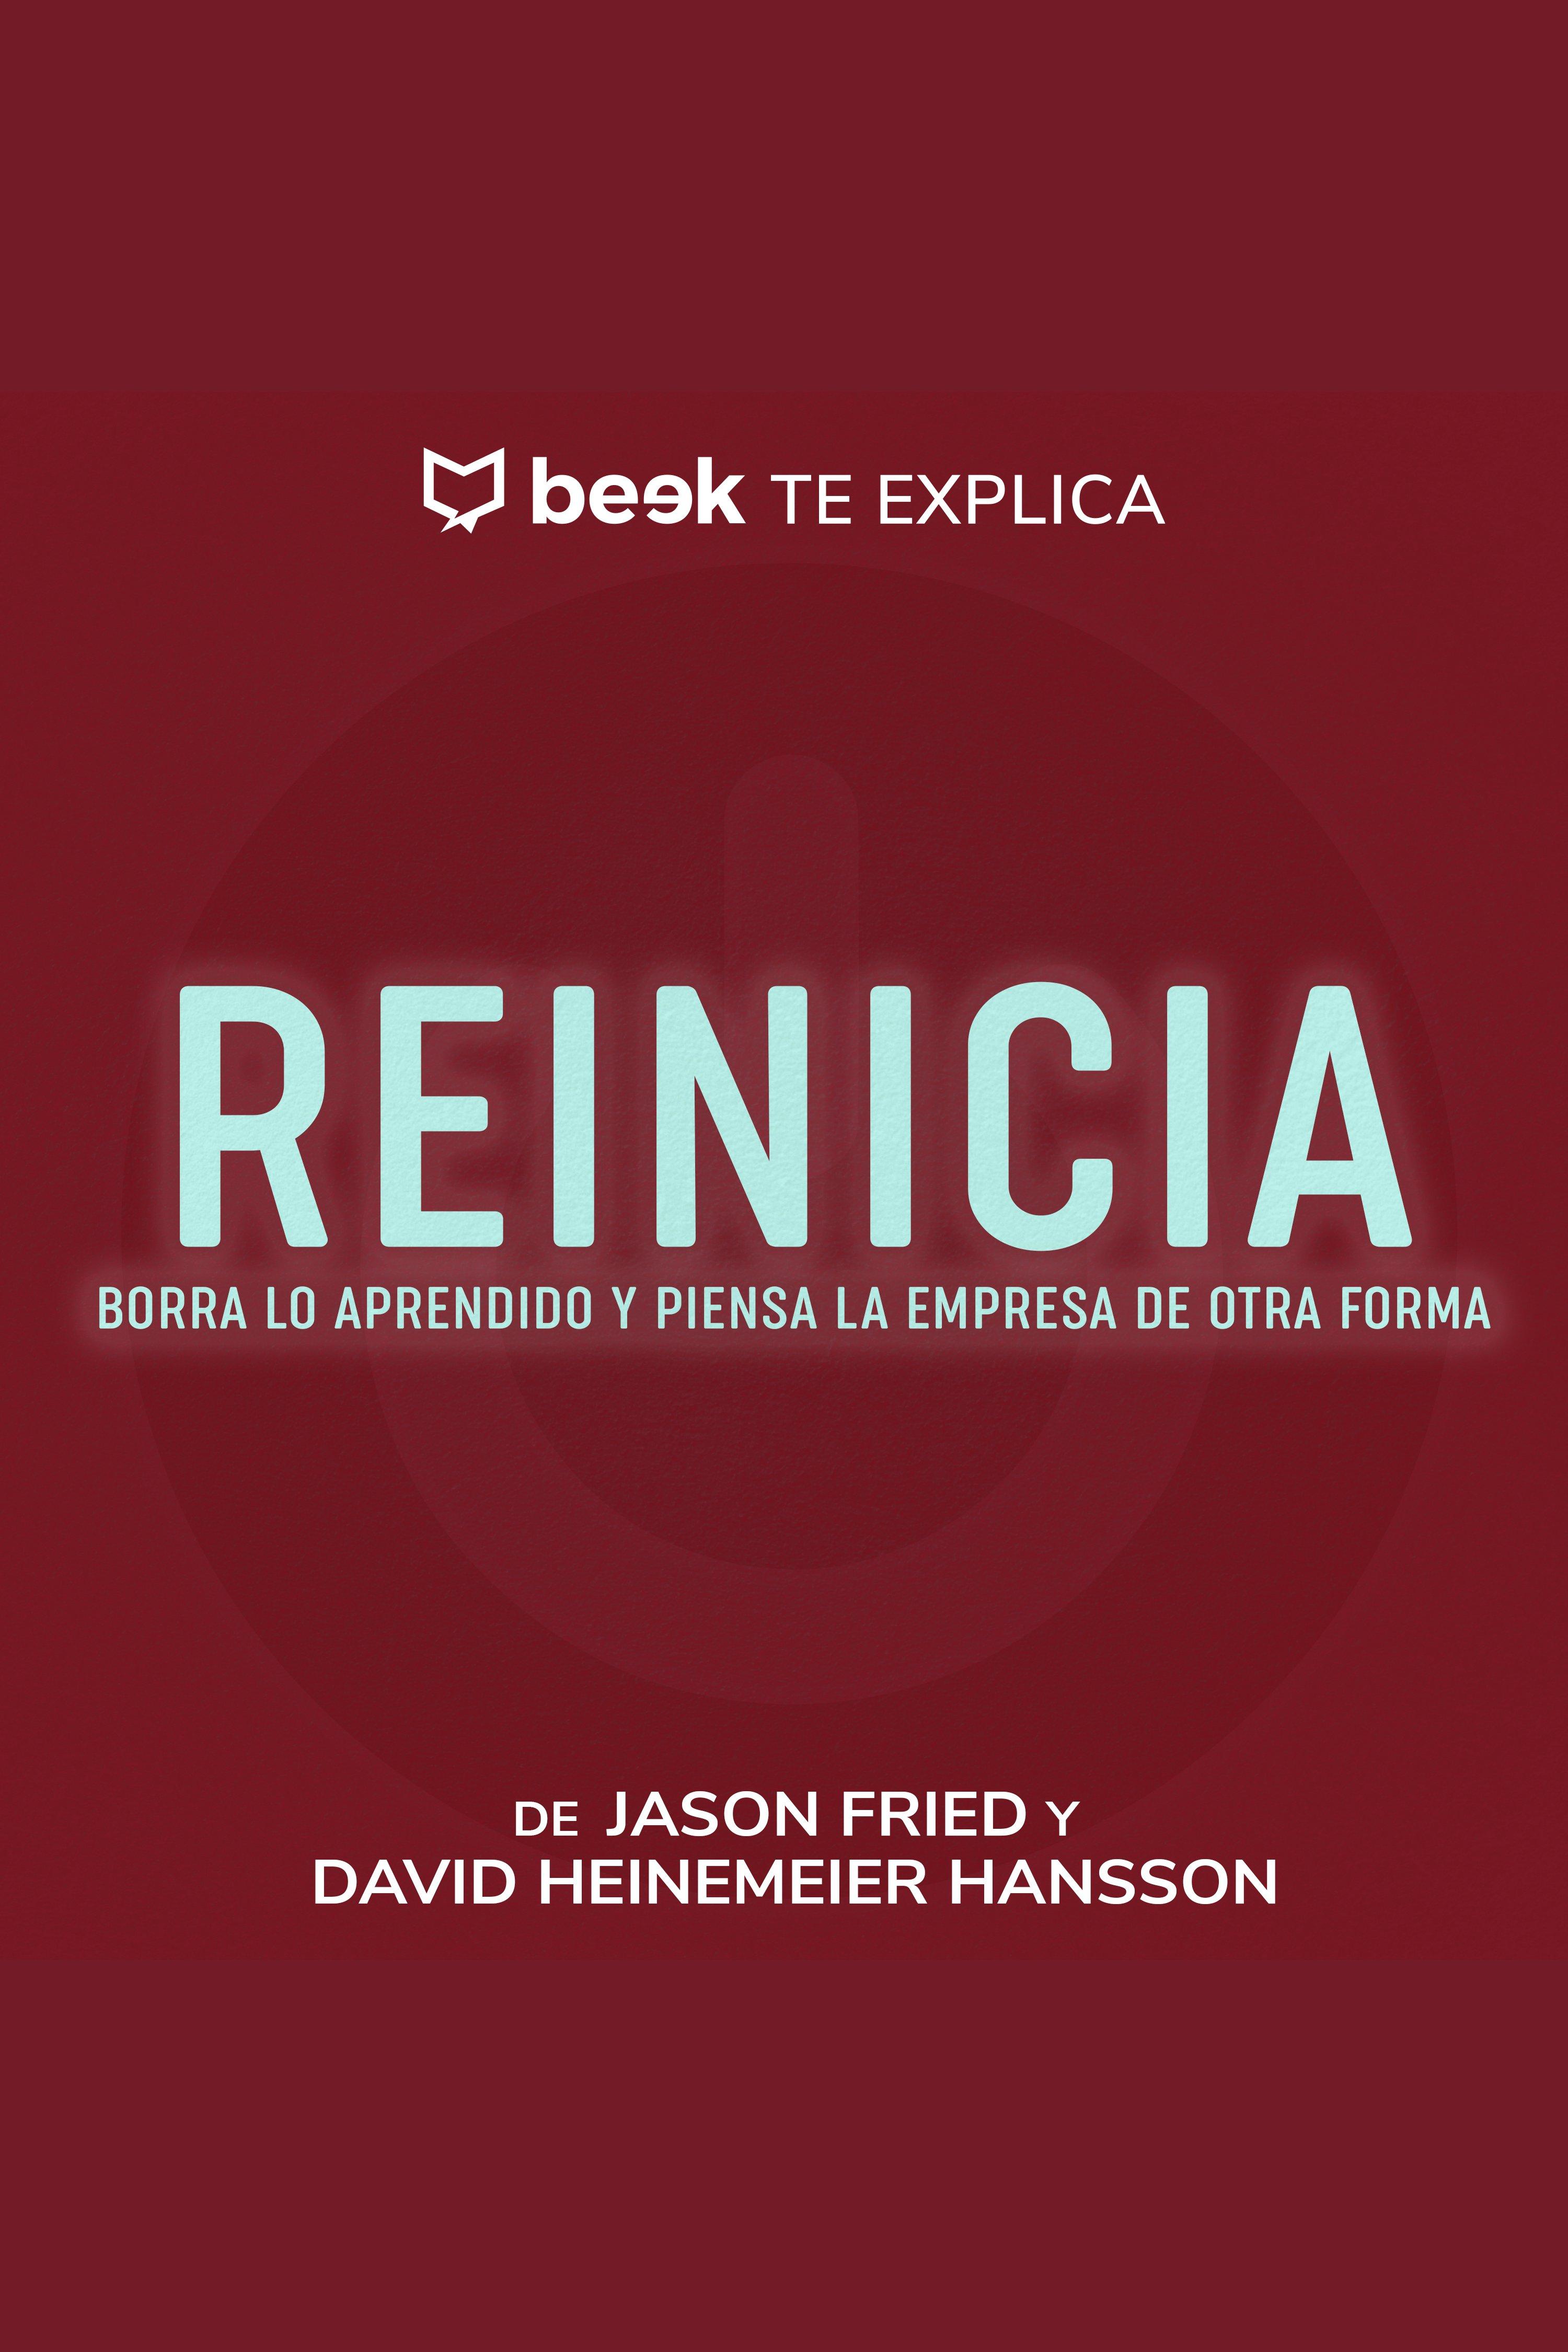 Esta es la portada del audiolibro Reinicia… Beek te explica